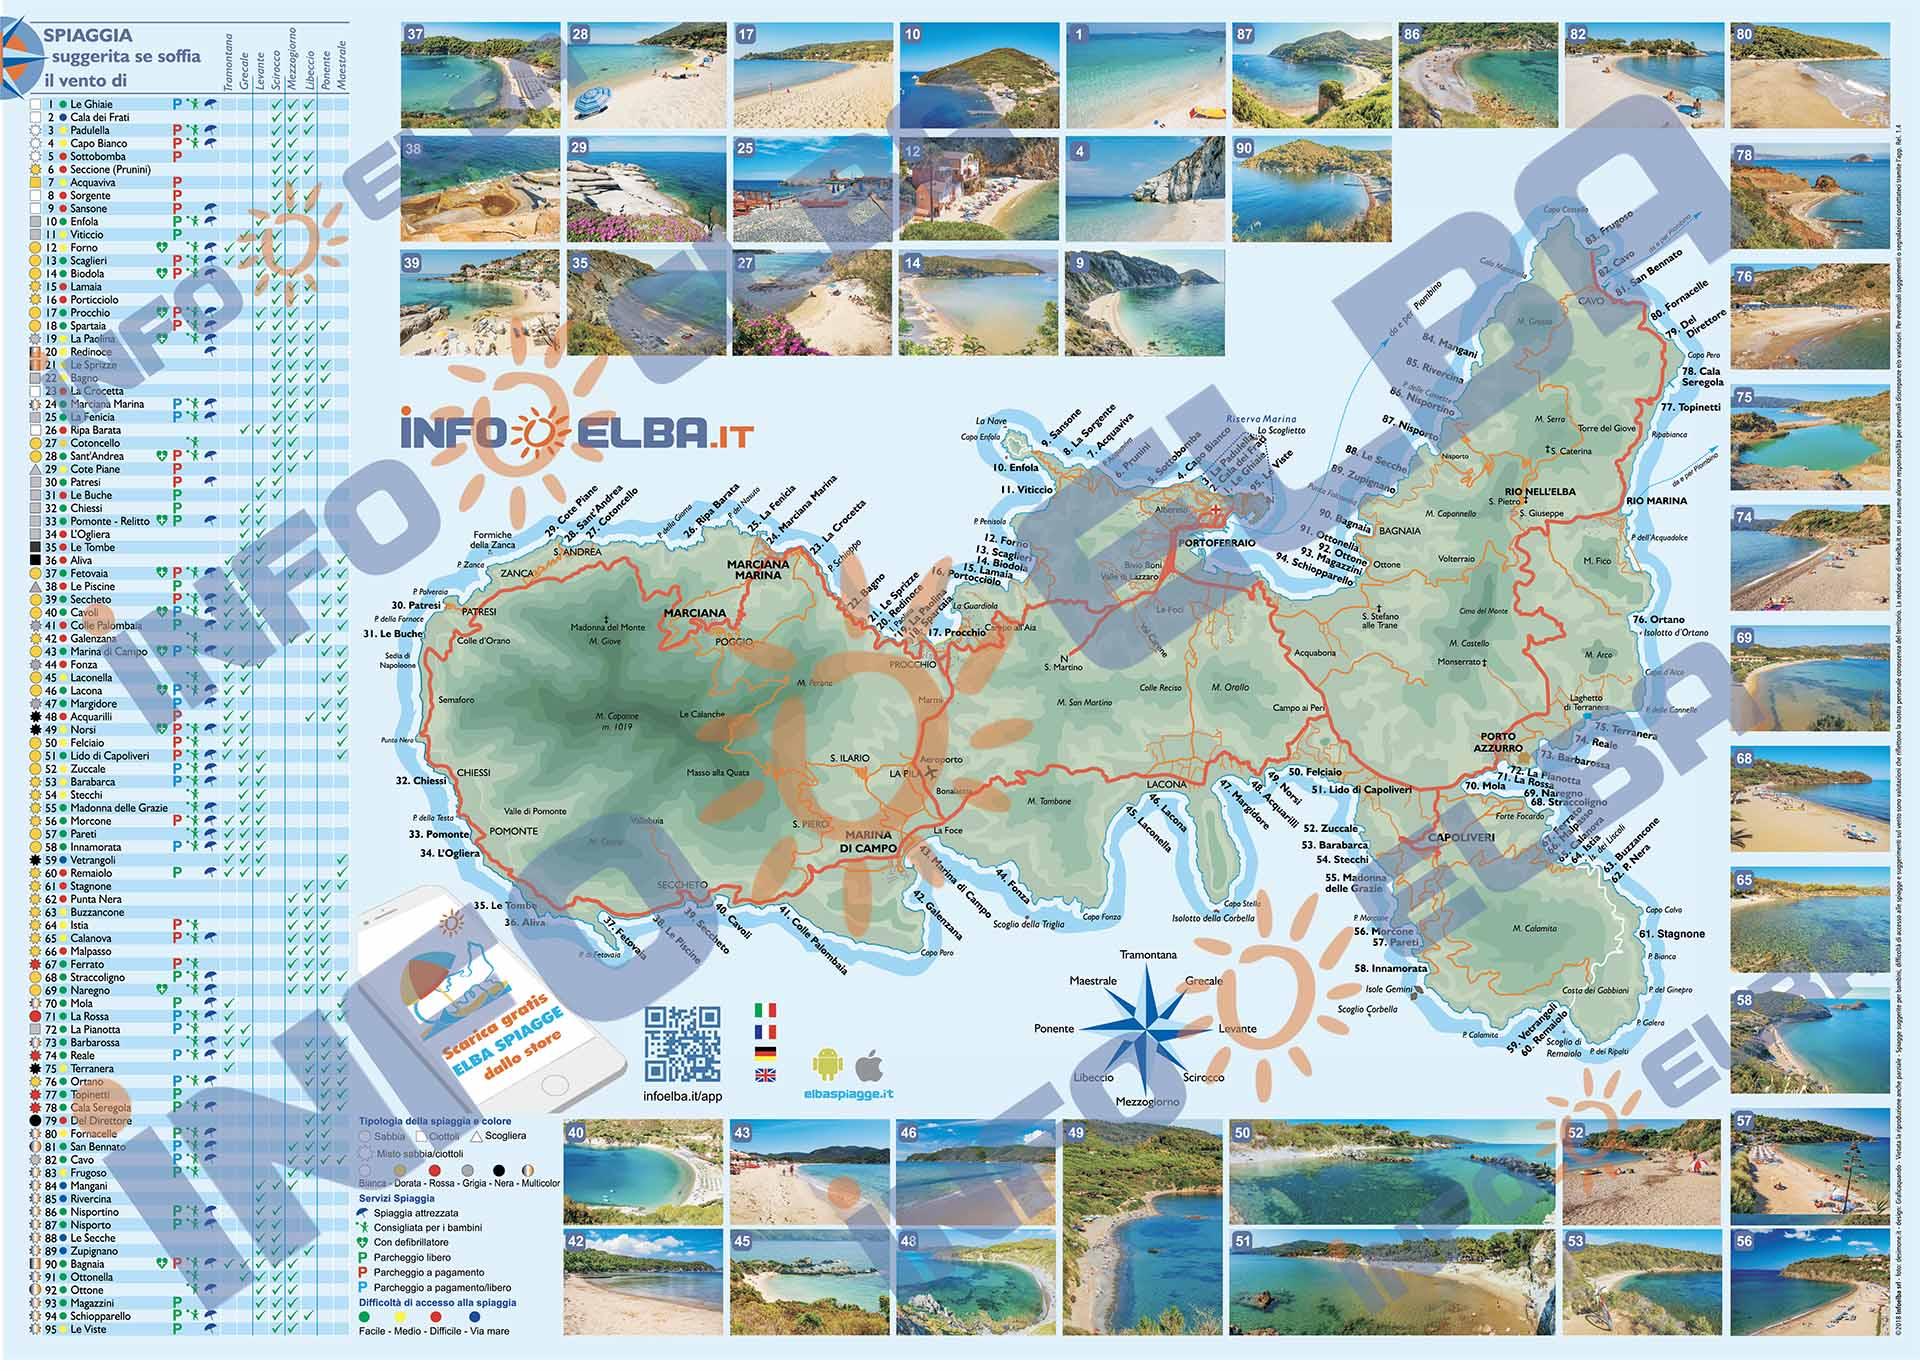 Cartina Elba Spiagge.Cartina Le Spiagge Dell Isola D Elba Infoelba Srl